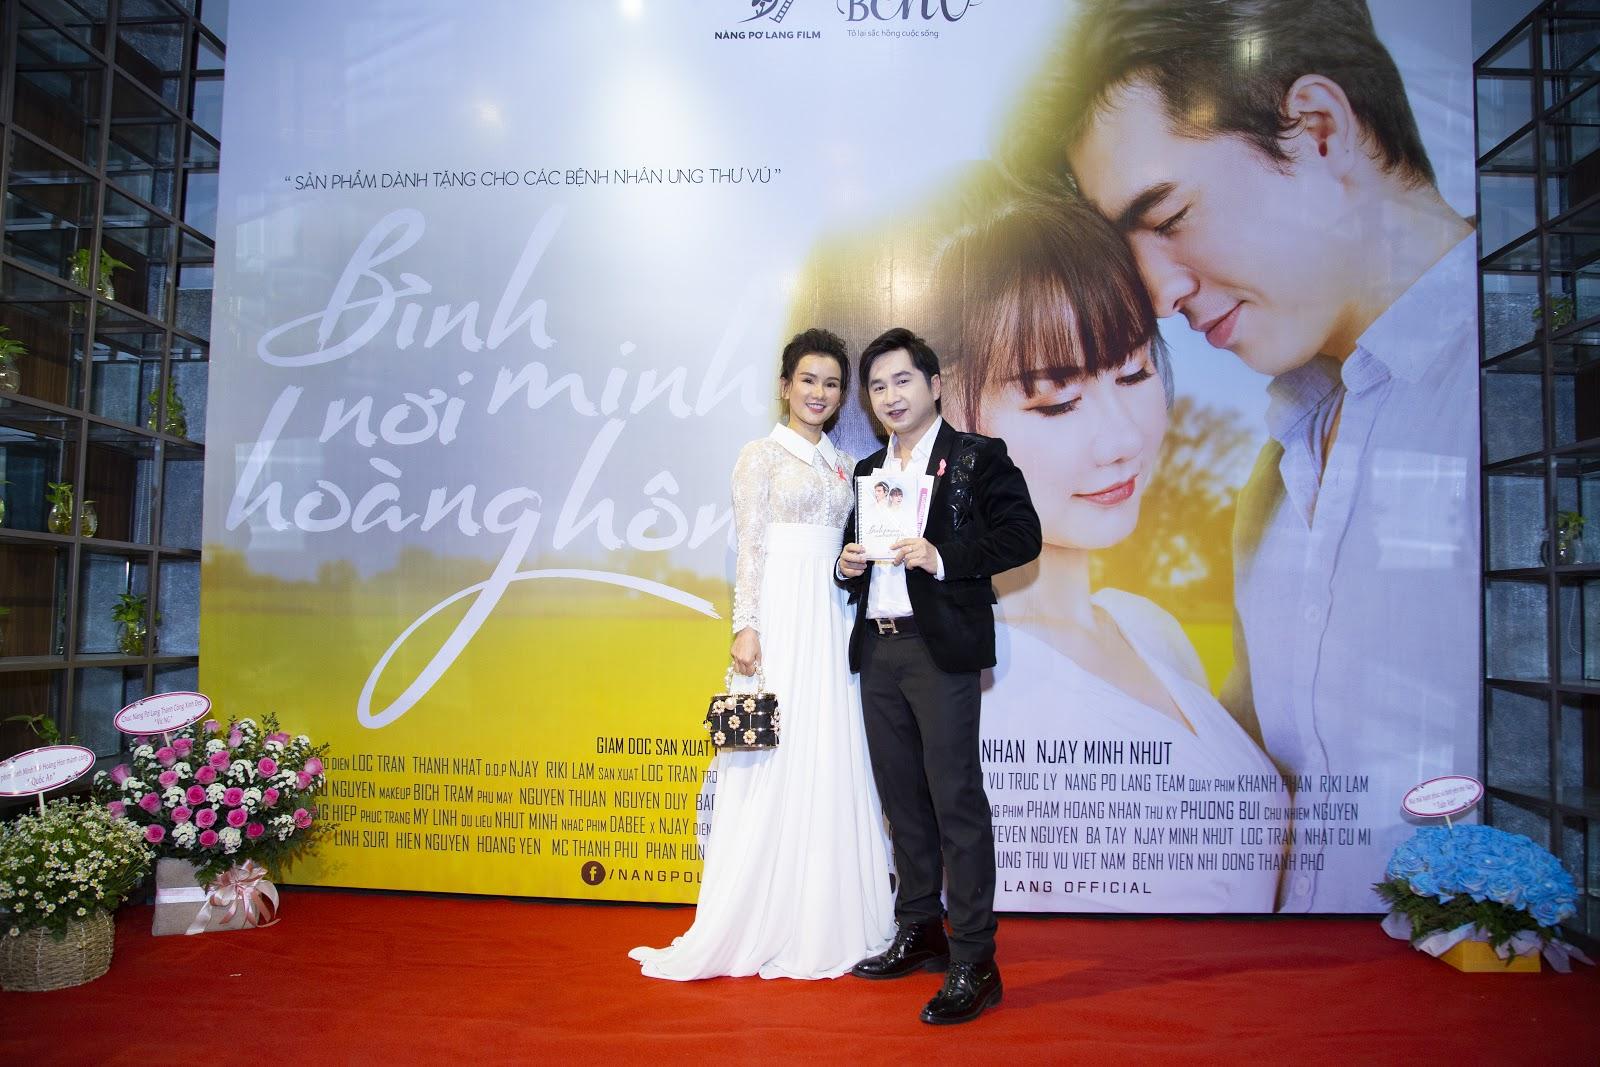 Thông điệp đẹp từ nhà sản xuất Nàng Pơ Lang Film và đạo diễn Trần Thế Nhân dành tặng cho bệnh nhân ung thư - Hình 1